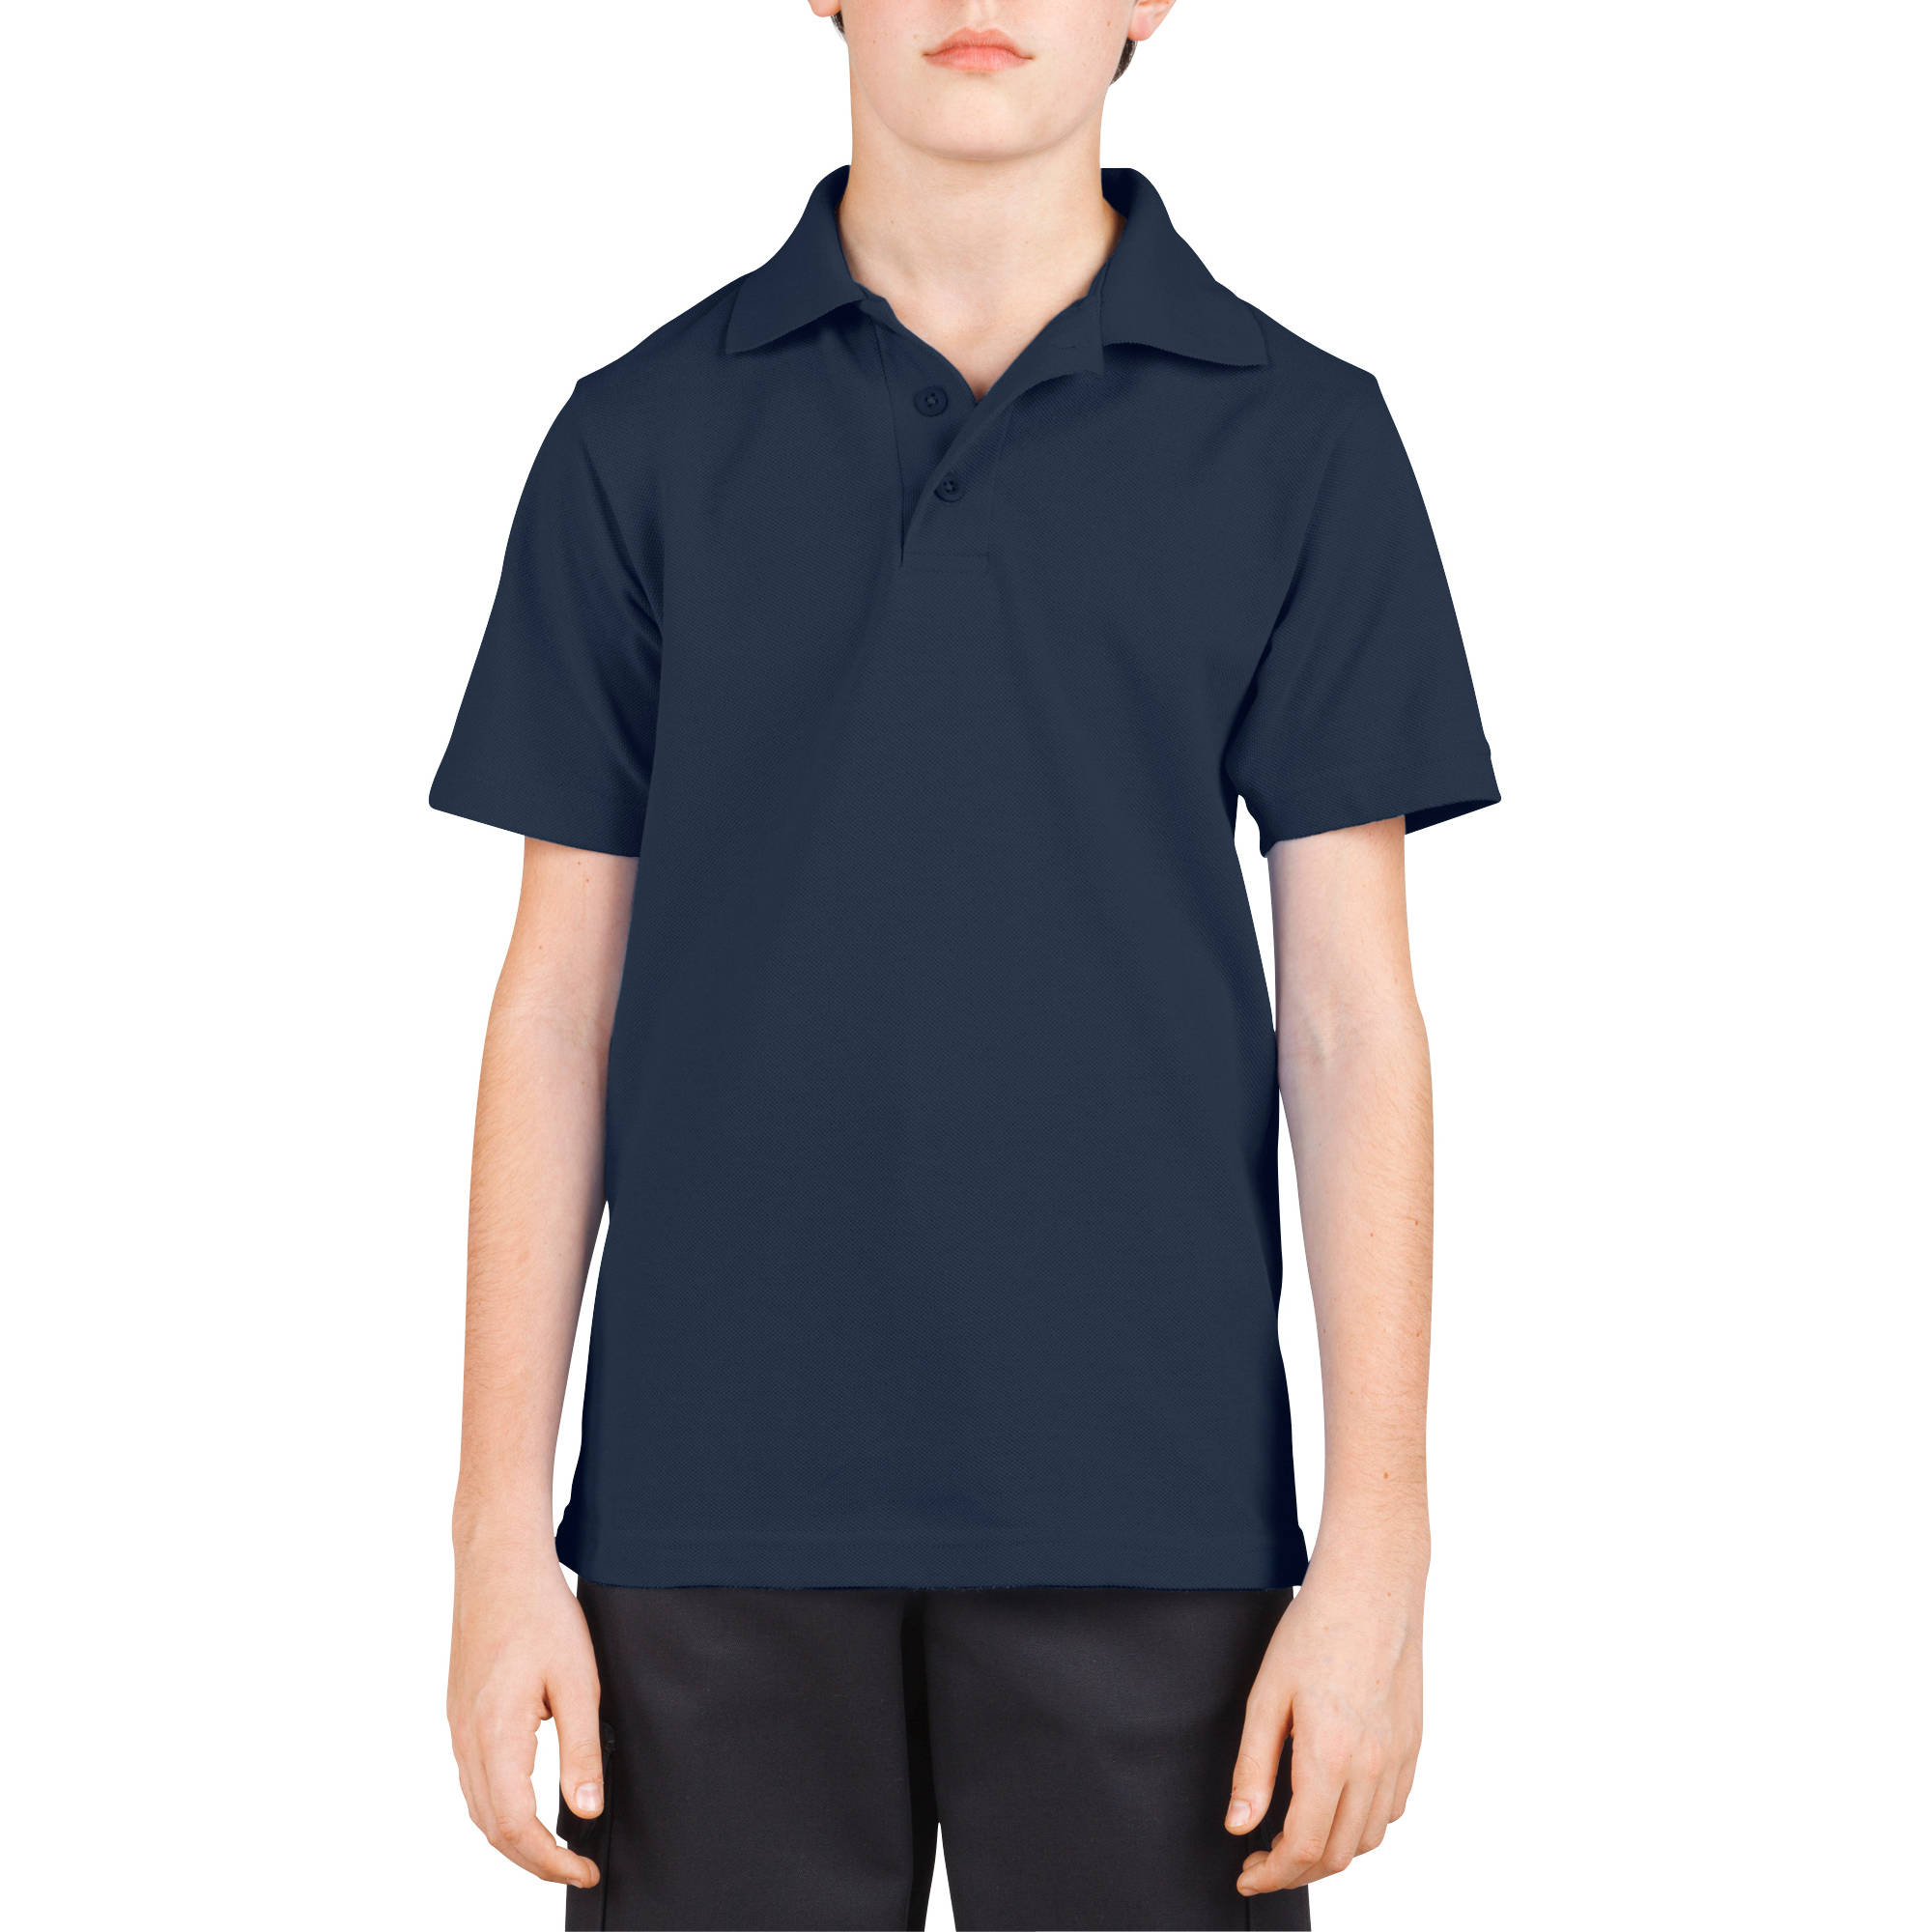 Dickies - Boys' Short-Sleeve Polo Shirt